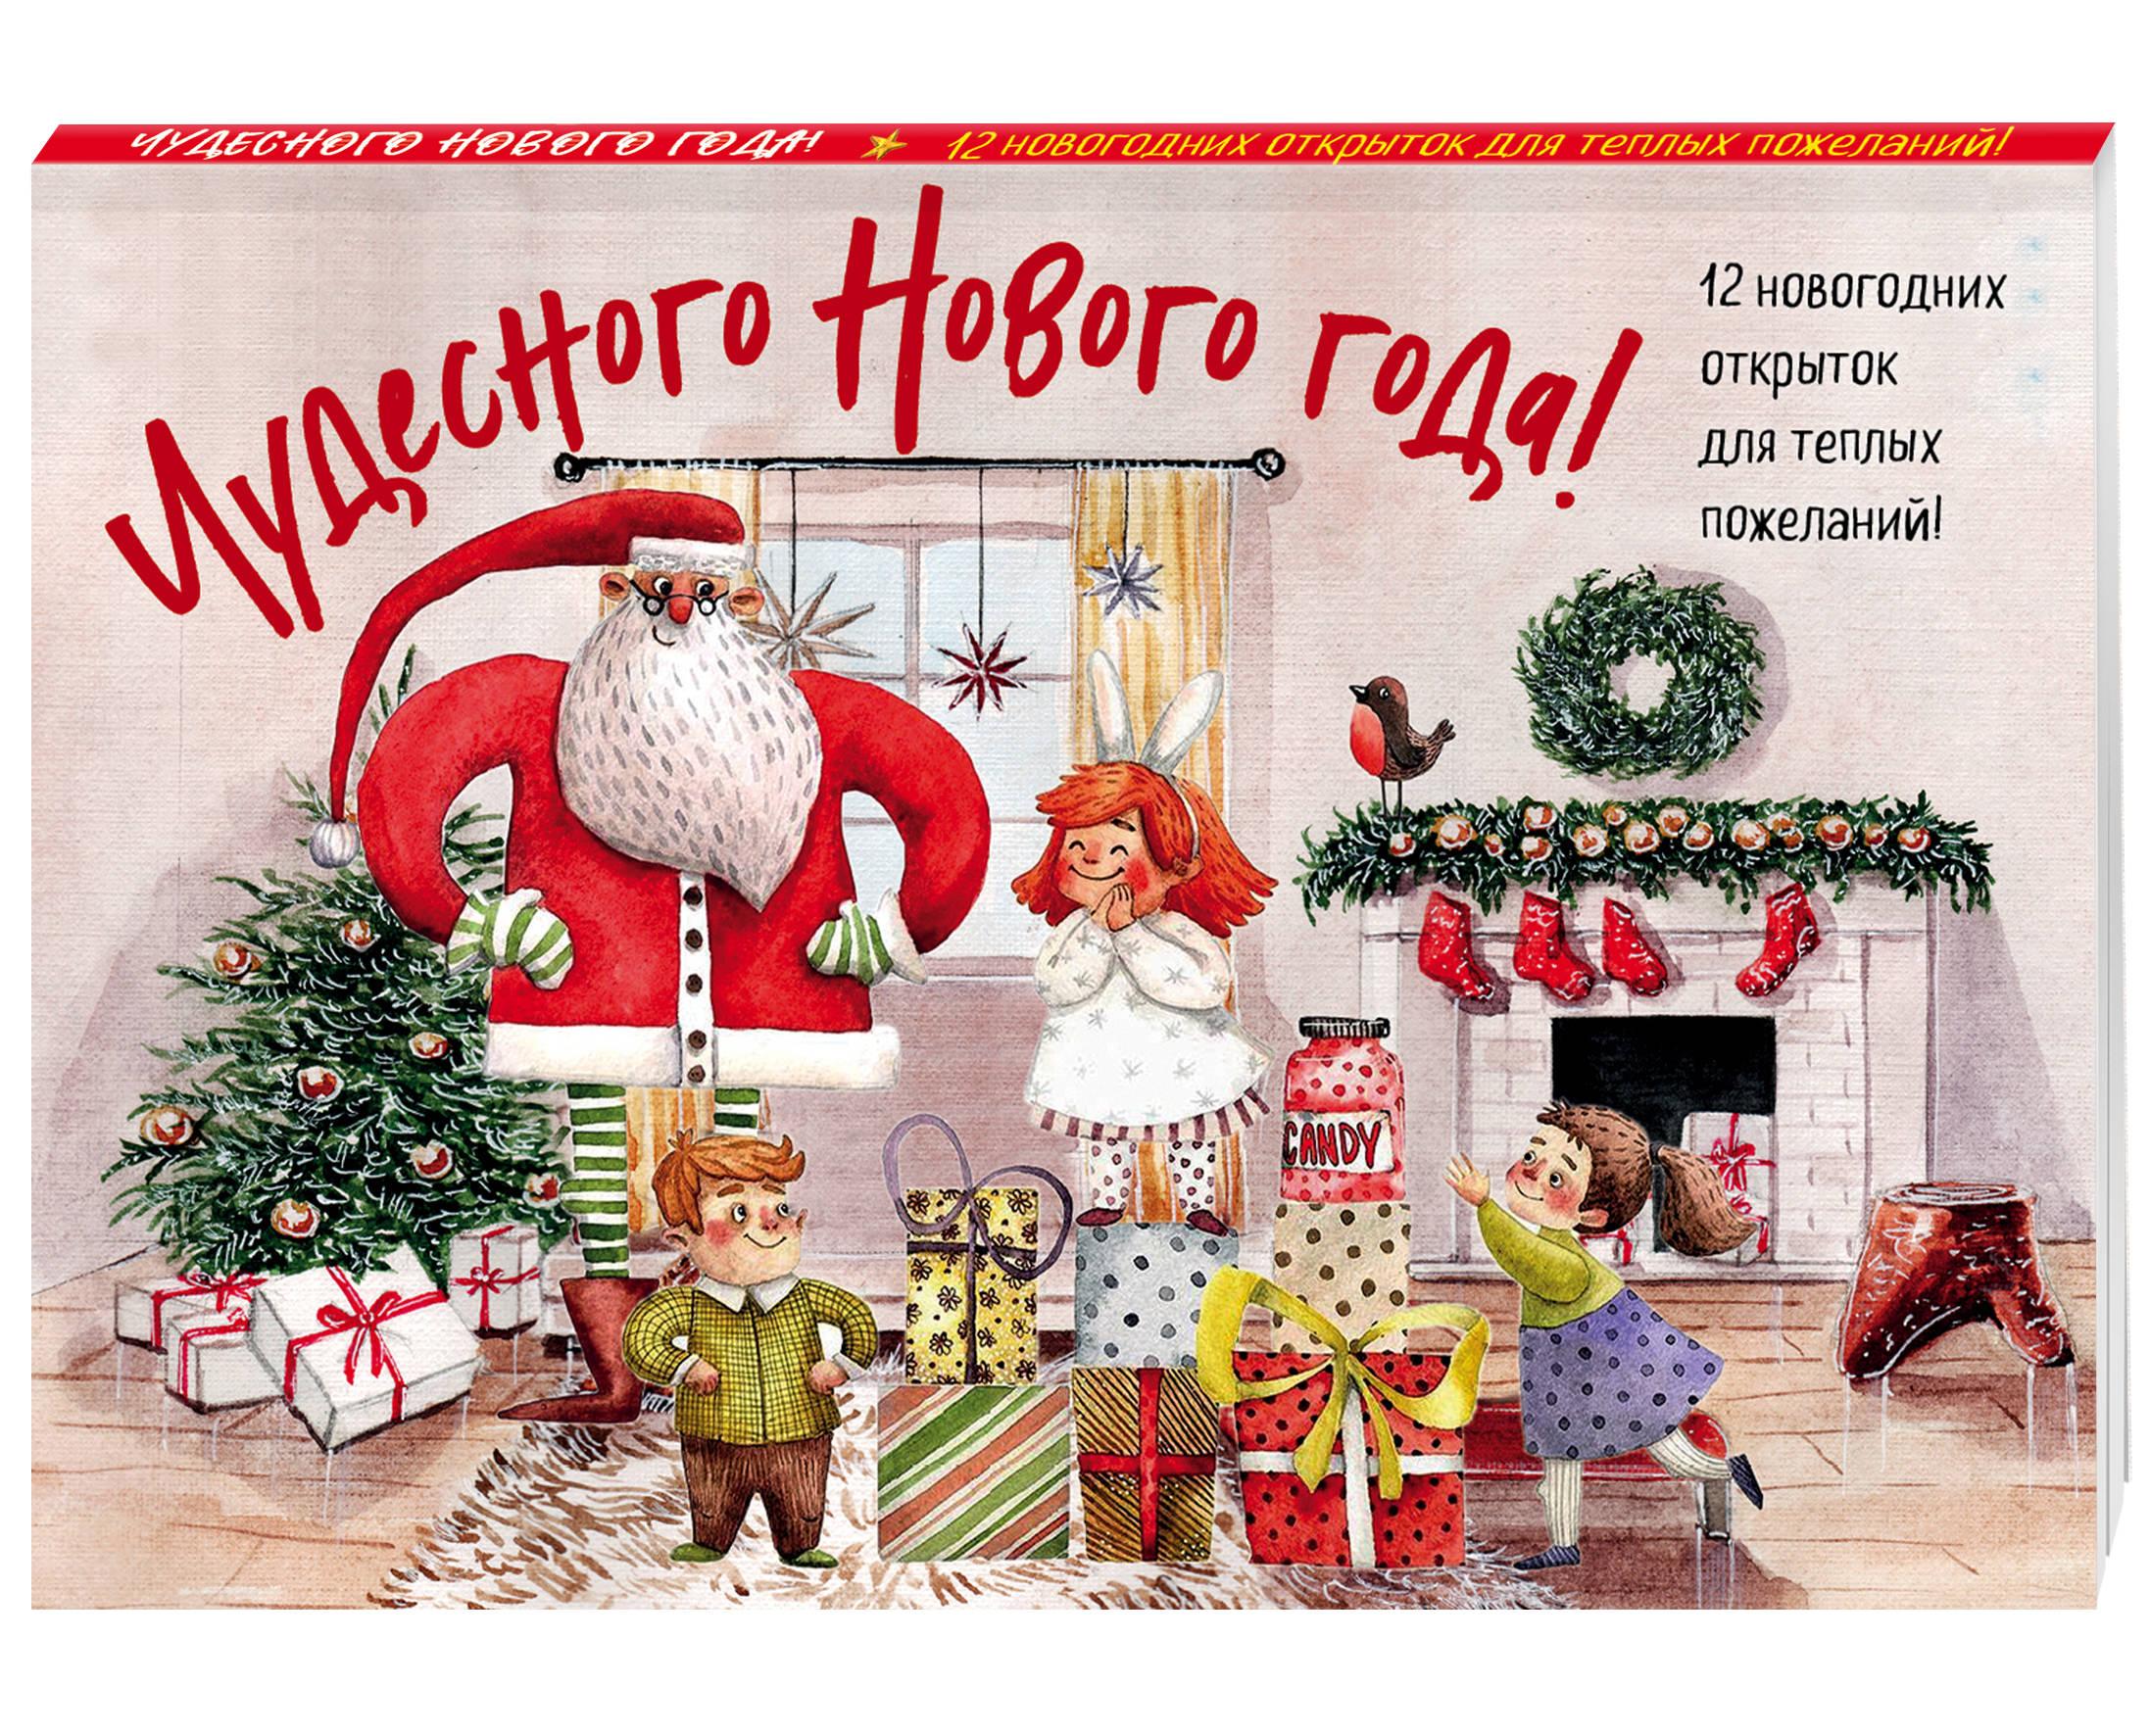 """Новогодние открытки """"Чудесного Нового года!"""". Ступак М.А."""